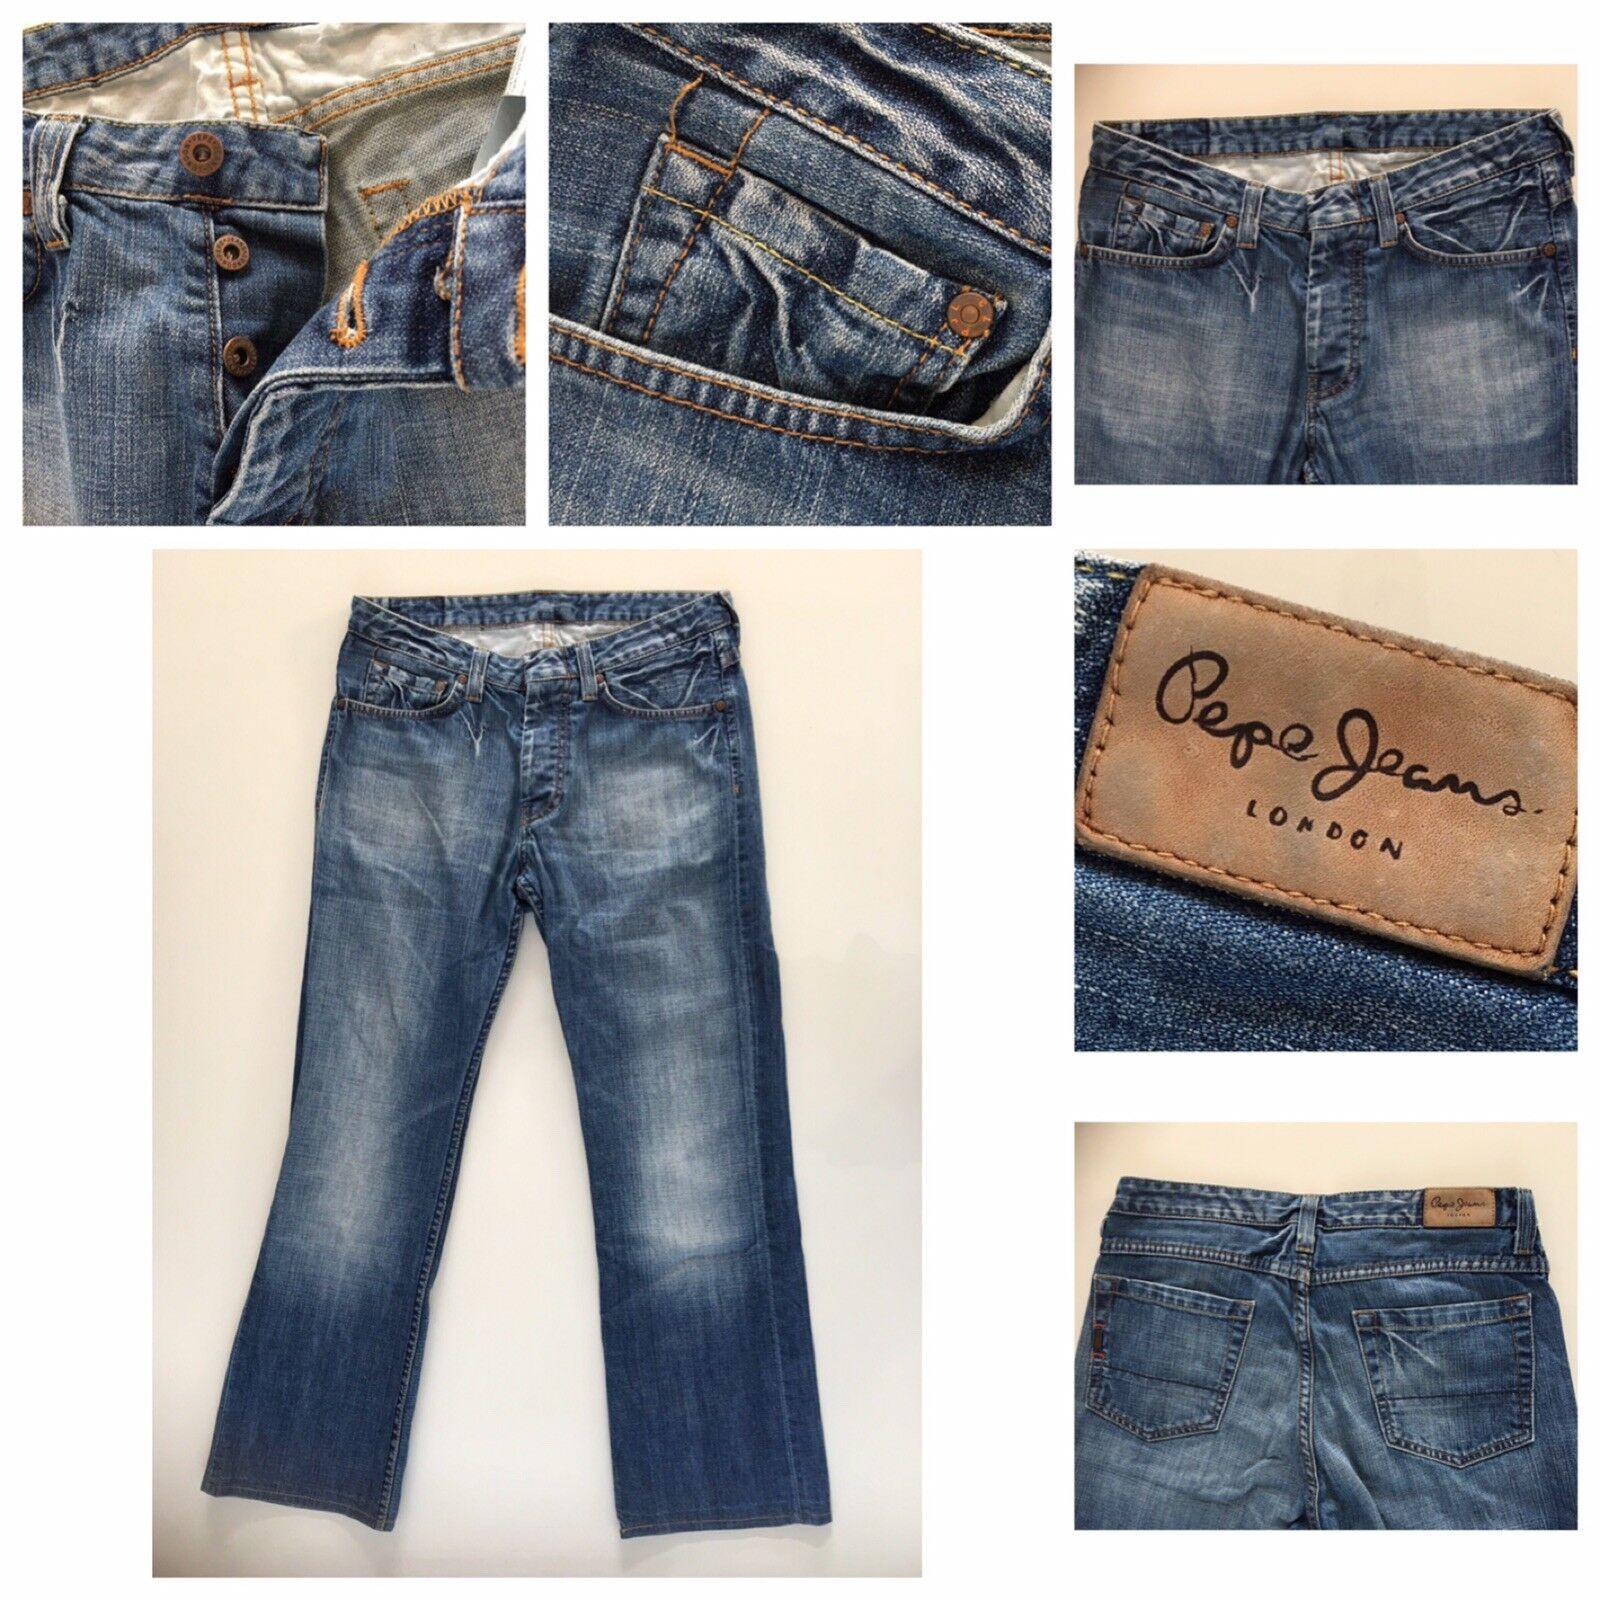 Pepe Herren Jeans M171 M01 Gr. W30 L32 Dark Blau Dunkelblau Hochwertig Wie Neu       Louis, ausführlich    Lebendige Form    Moderne und stilvolle Mode